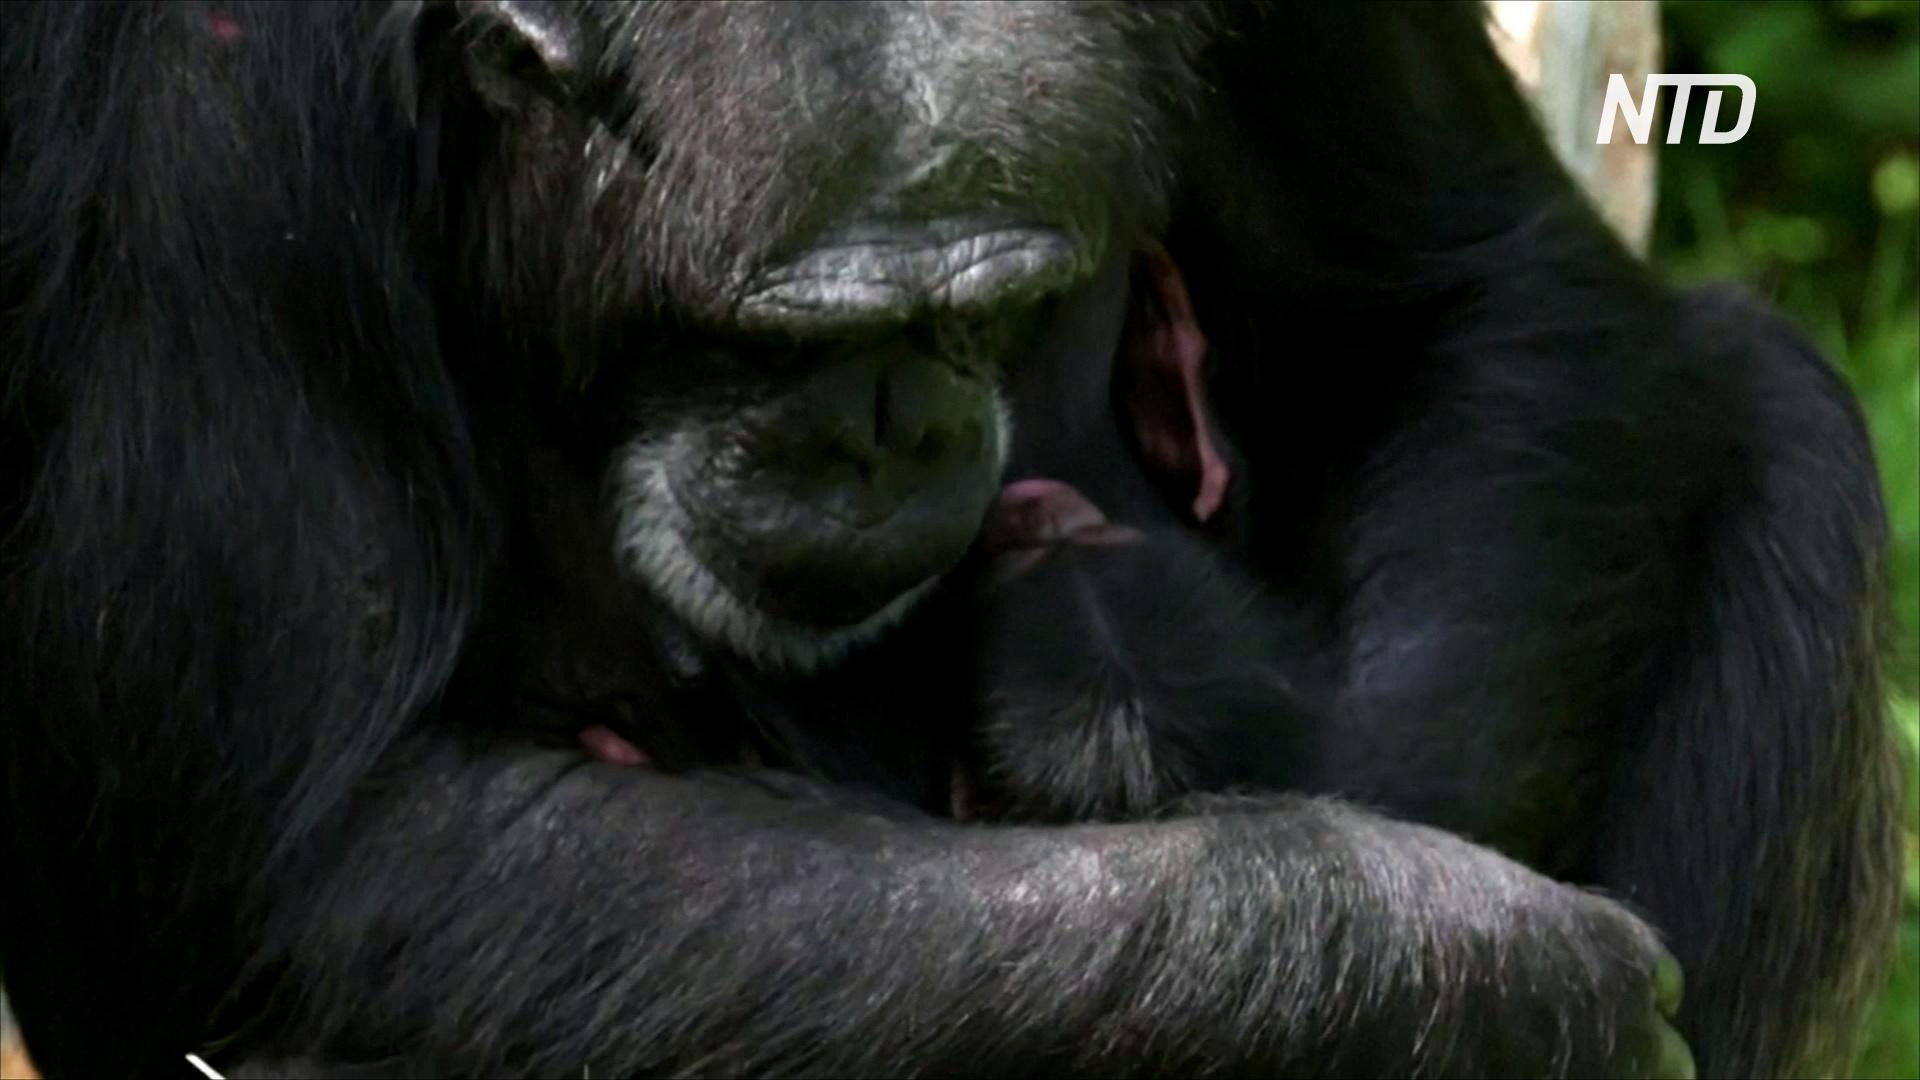 В зоопарке Великобритании родился детёныш редкого западного шимпанзе